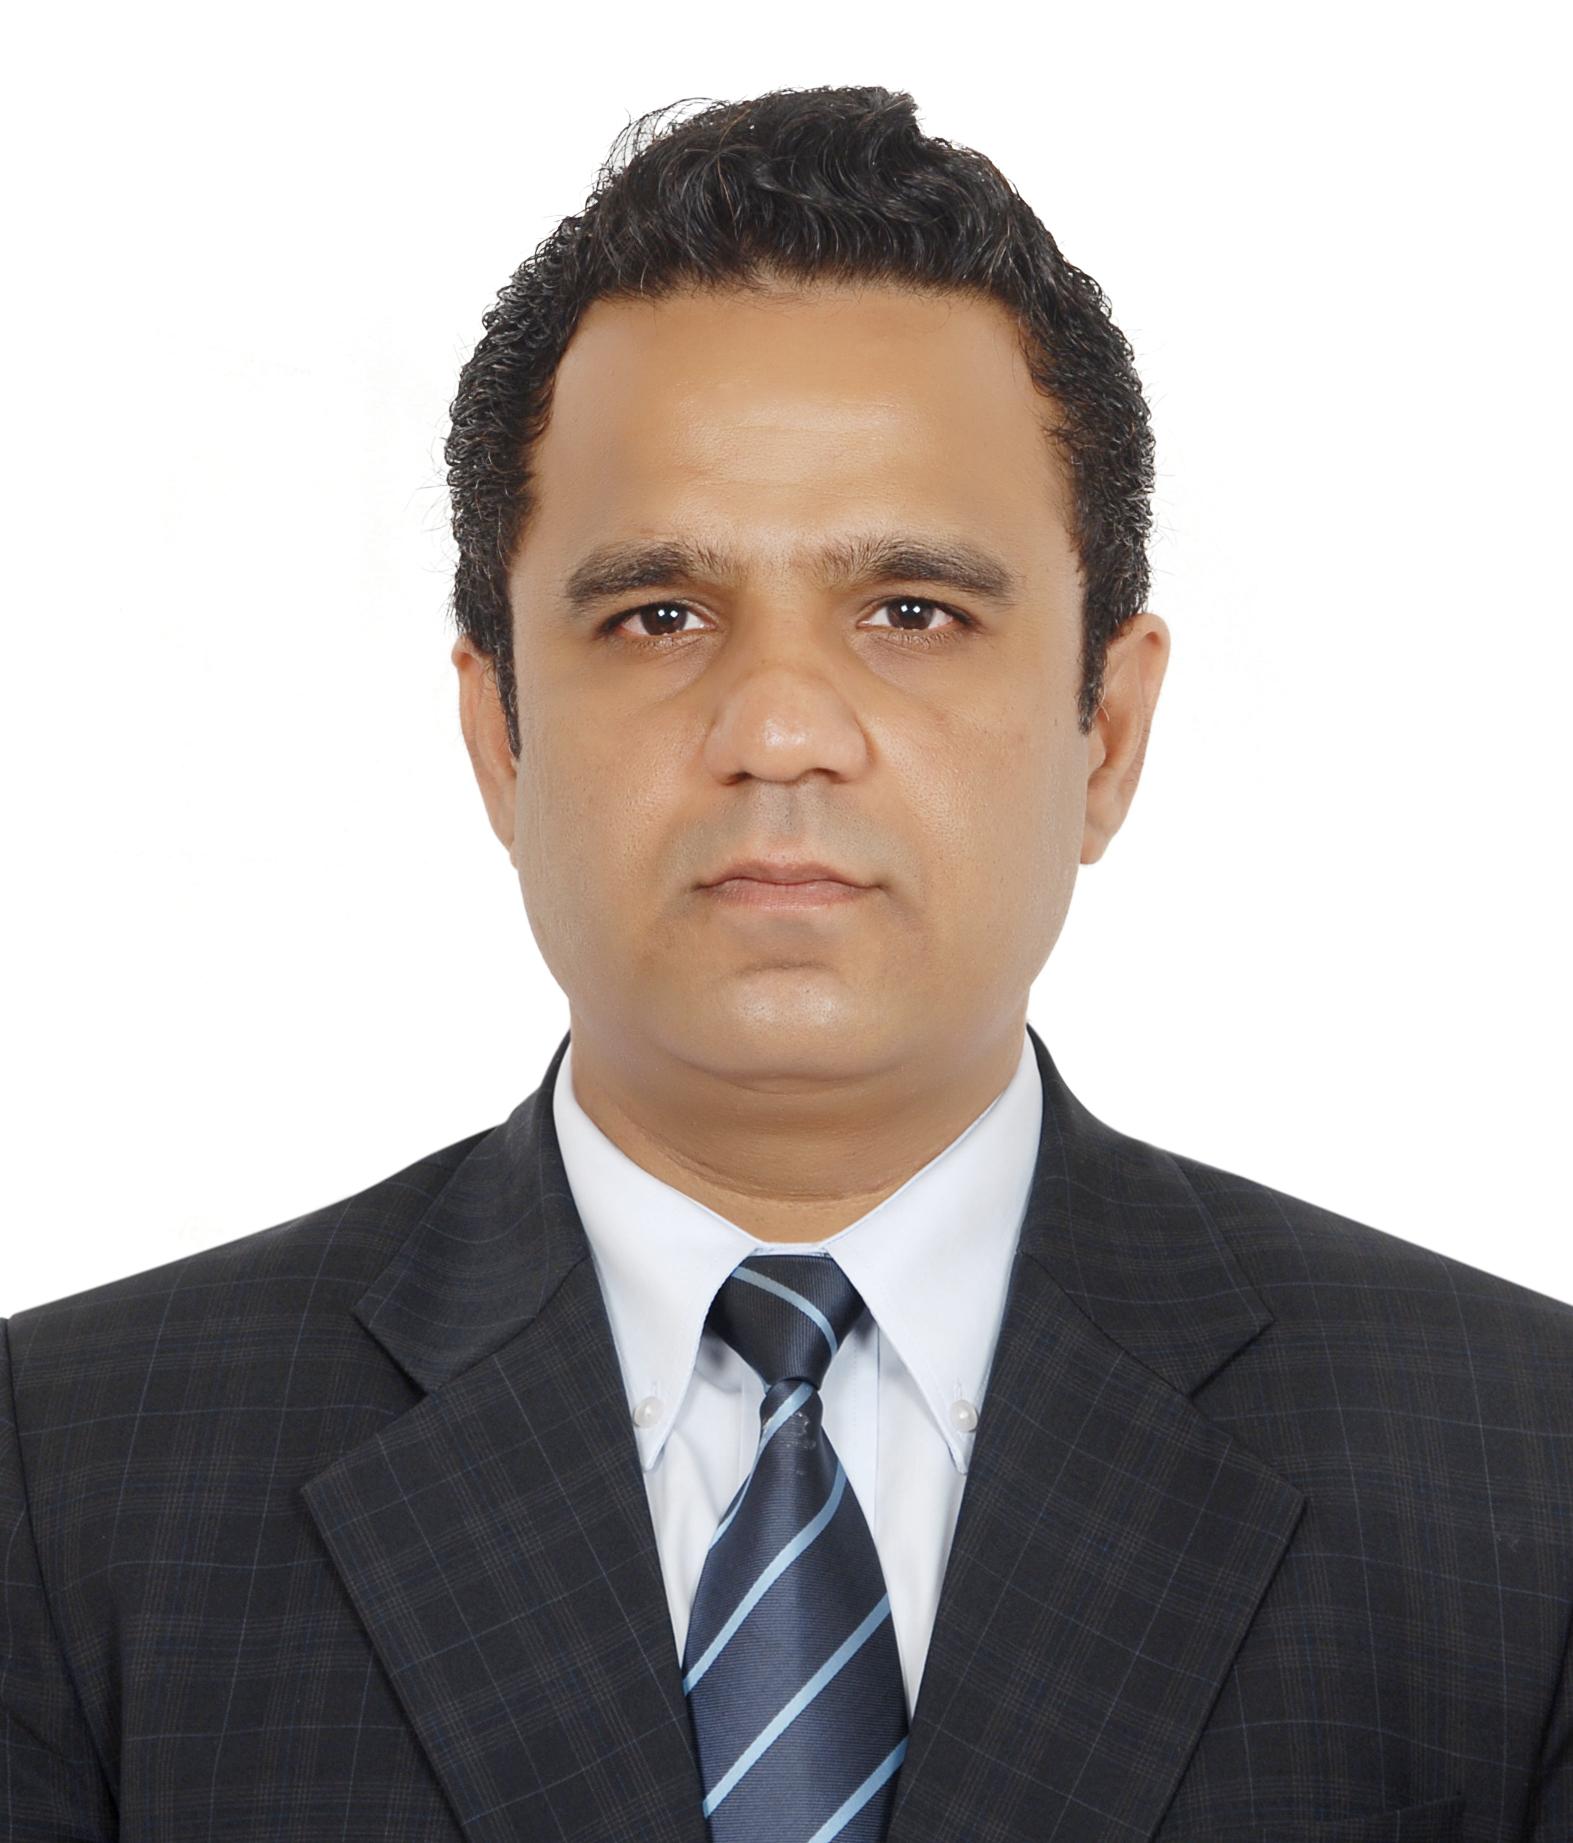 Vishal Vaswani